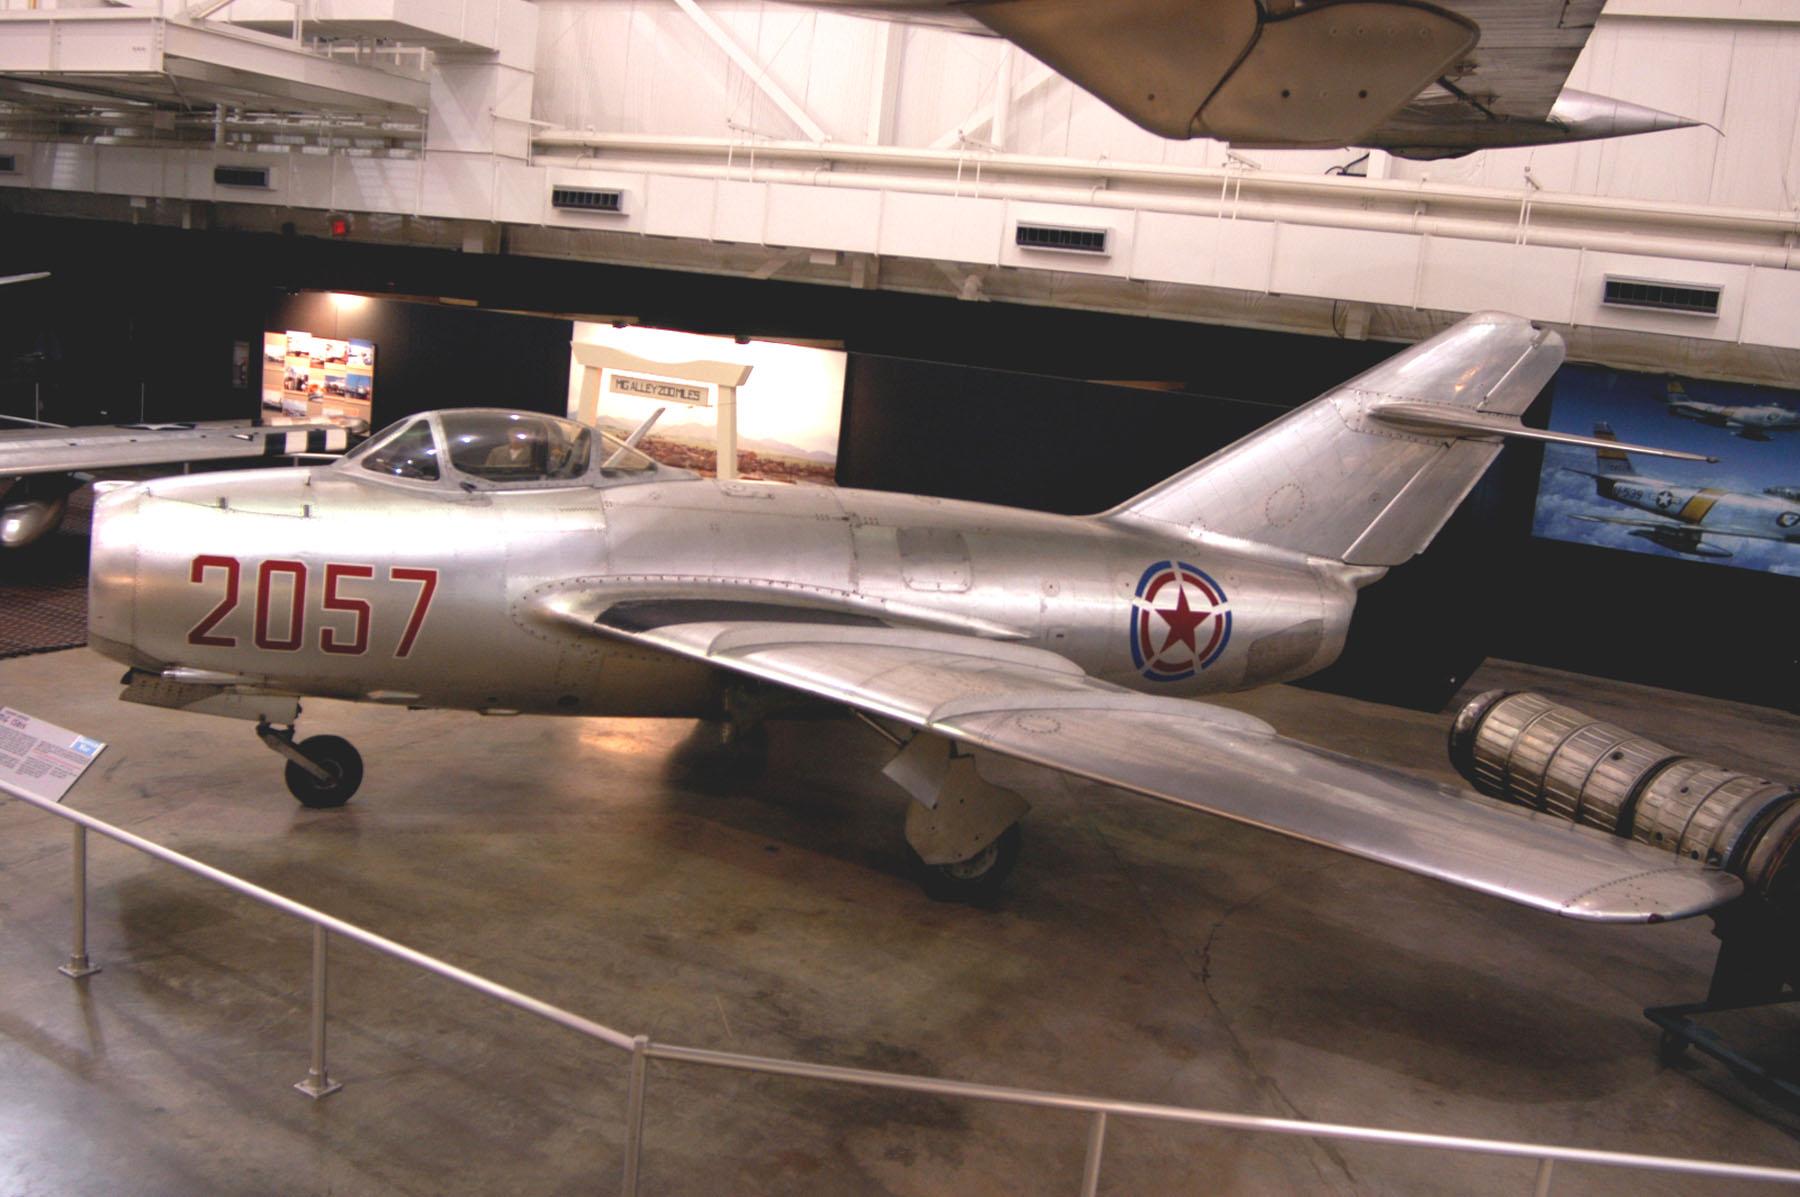 Các phi công Mỹ thường quen chiếm ưu thế trên không trong những năm cuối cùng của Chiến tranh Thế giới thứ 2, nhưng sự xuất hiện của Mig-15 trên bầu trời của CHDCND Triều Tiên thực sự là một cú sốc đối với họ. Trong thực tế, Mig-15 nguy hiểm đến mức mà máy bay hộ tống hạng nặng B-29 của Mỹ đã phải chuyển các cuộc tấn công nhằm vào Triều Tiên từ ban ngày sang ban đêm.